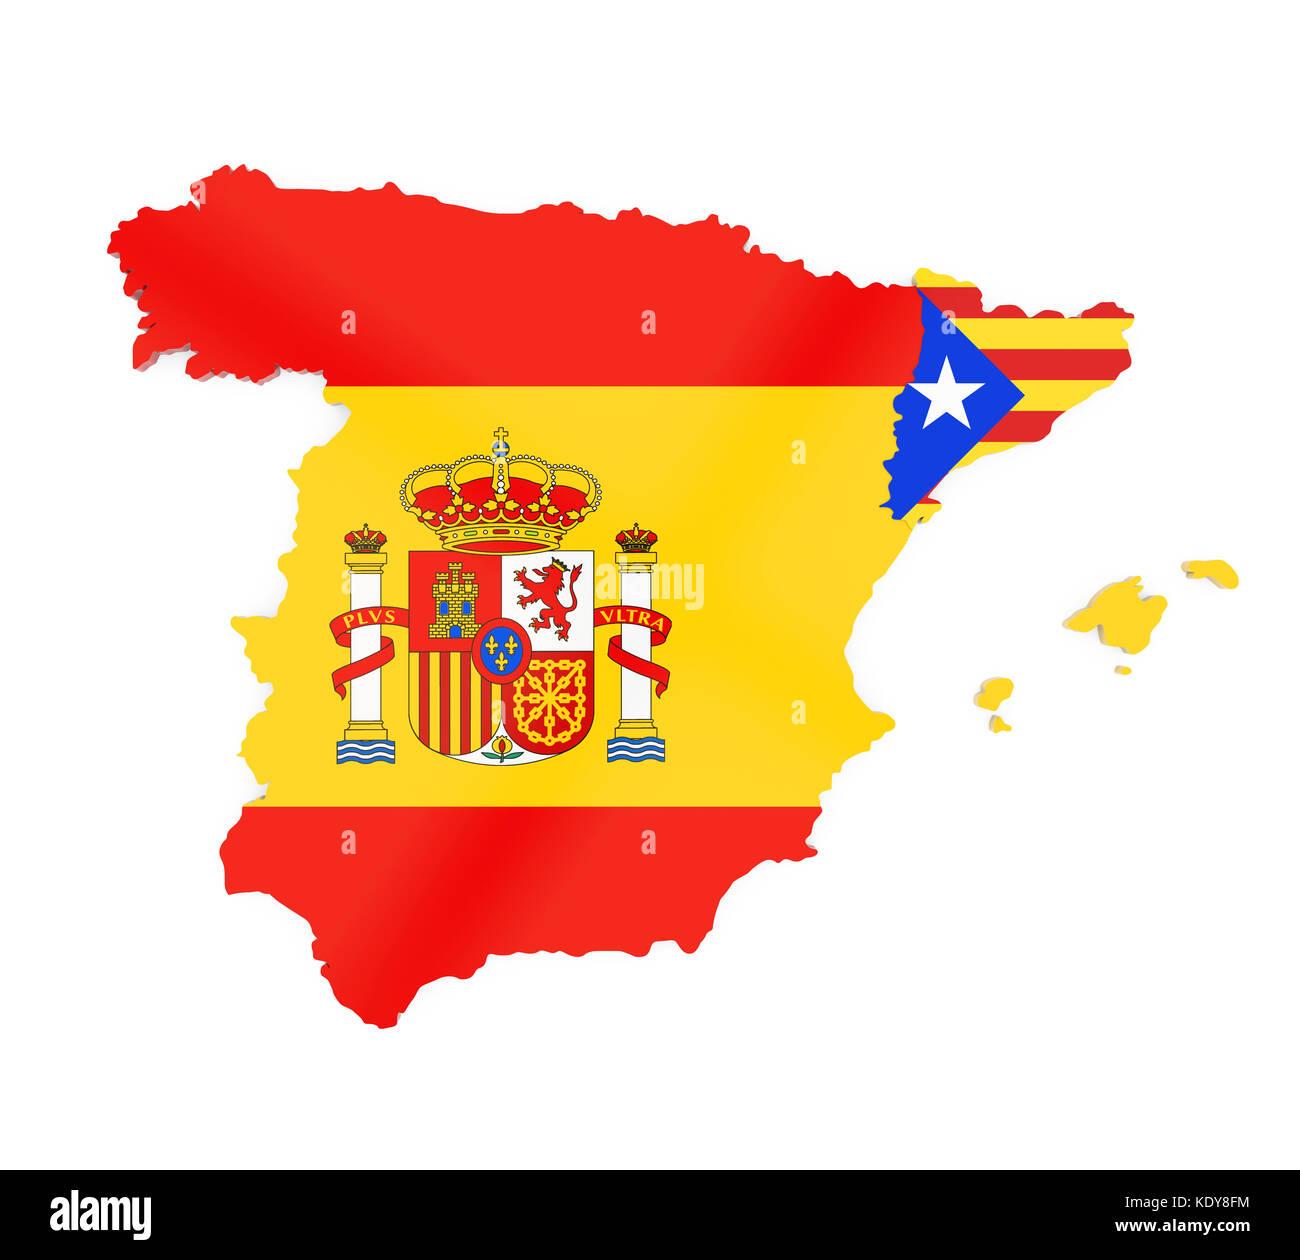 Spanien Katalonien Karte.Spanien Und Katalonien Karte Isoliert Stockfoto Bild